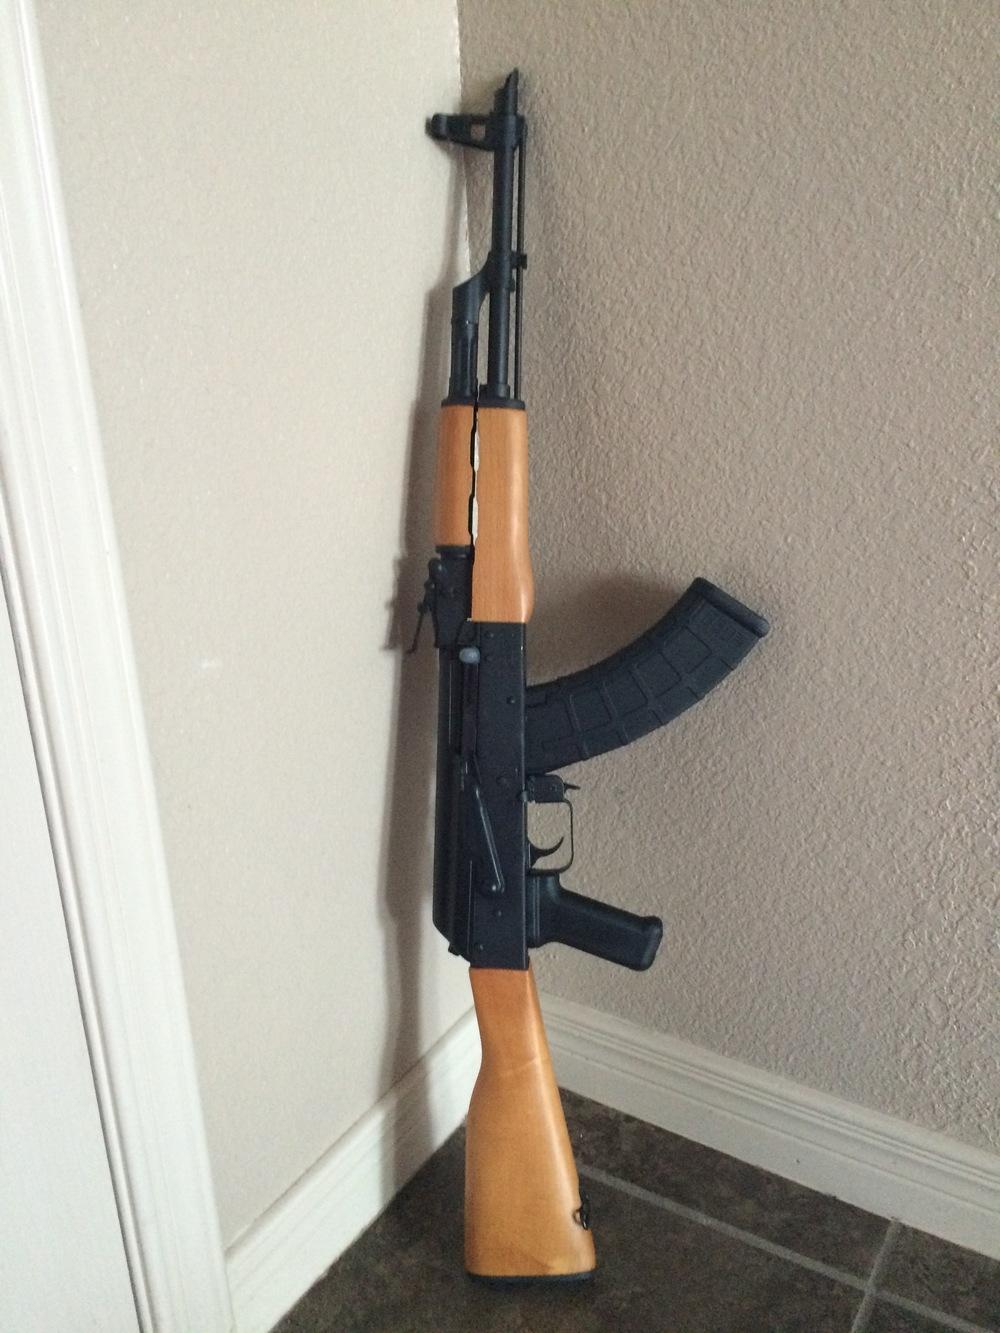 My plain WASR-10